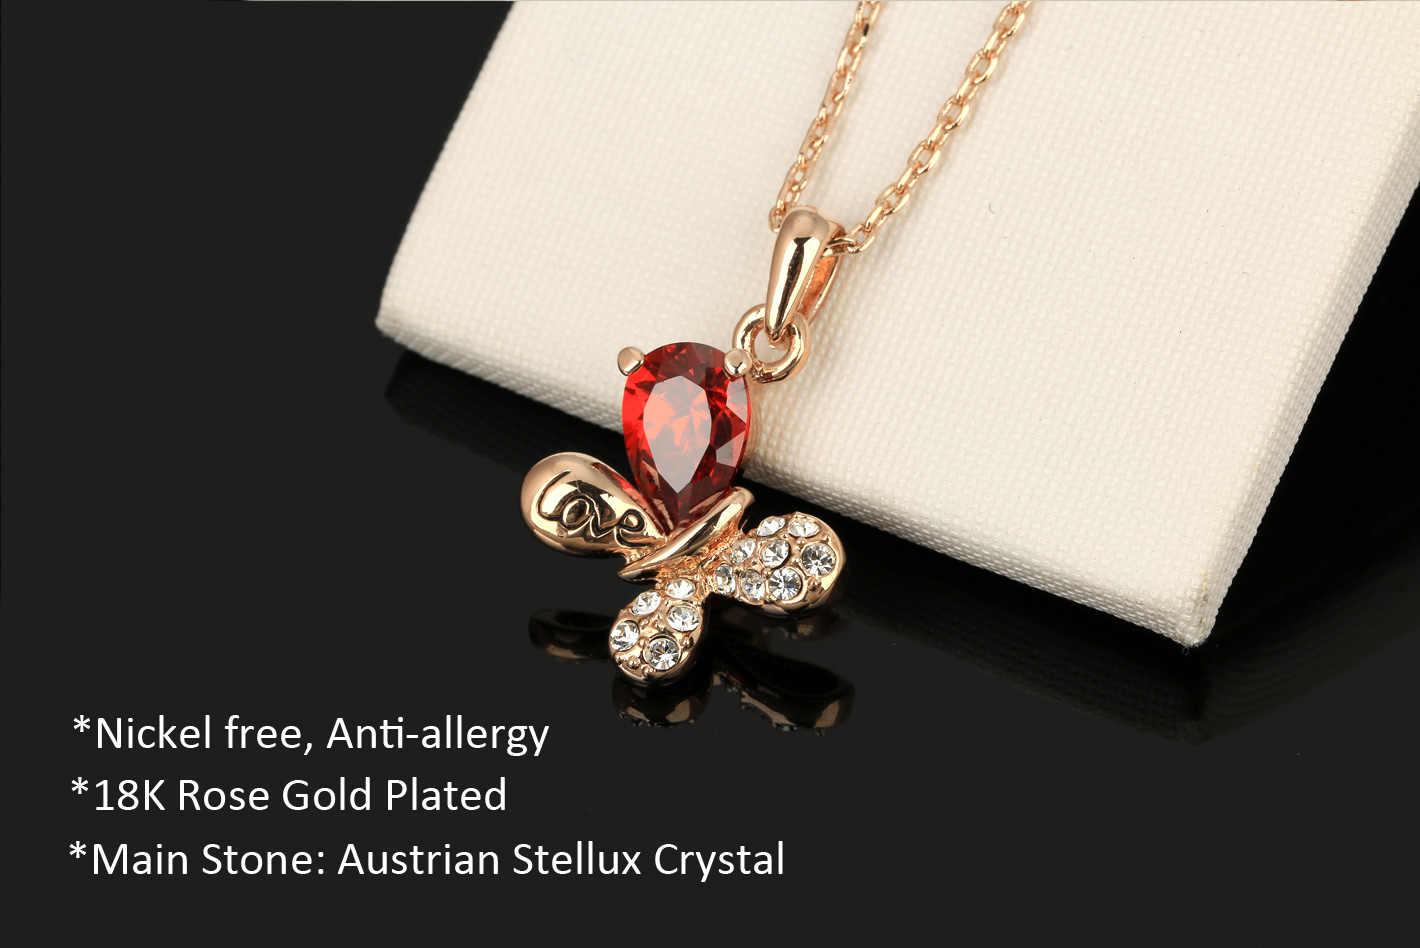 ダブルフェアローズゴールド赤色結晶蝶のペンダントネックレスロマンチックな記念日のギフトブランドジュエリー DFN379